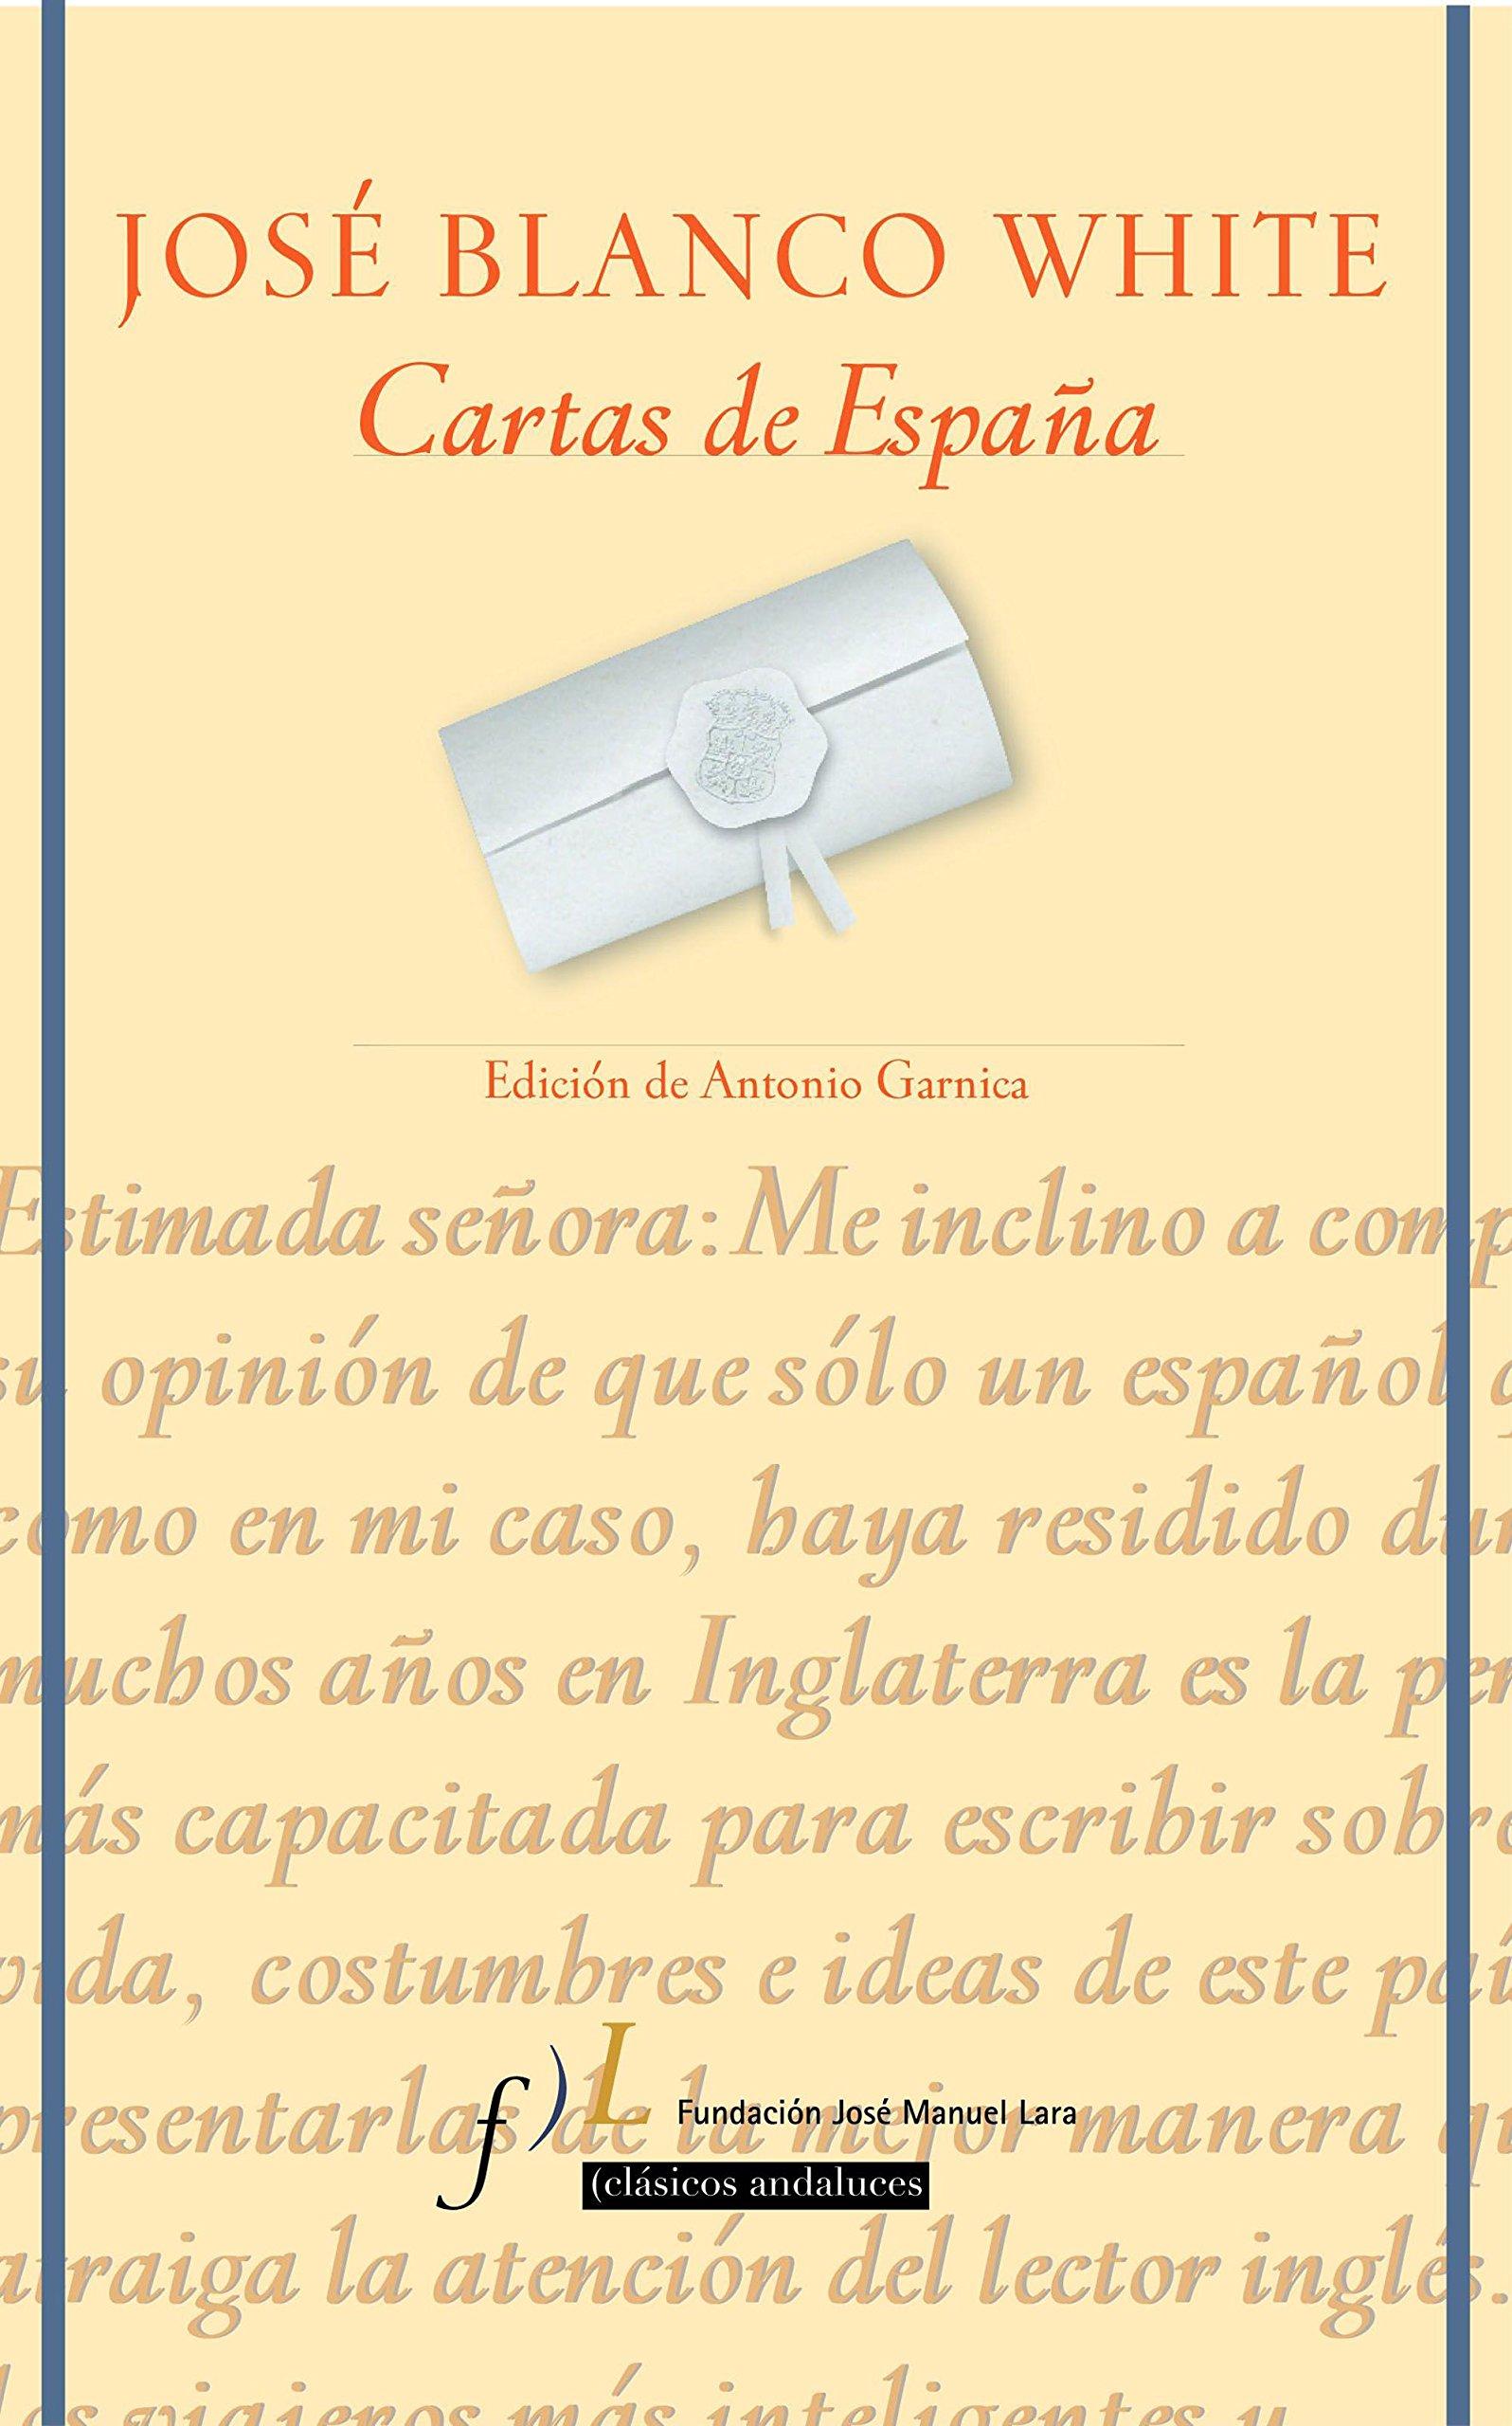 Cartas de España: Edición de Antonio Garnica CLÁSICOS: Amazon.es: Blanco White, José María: Libros